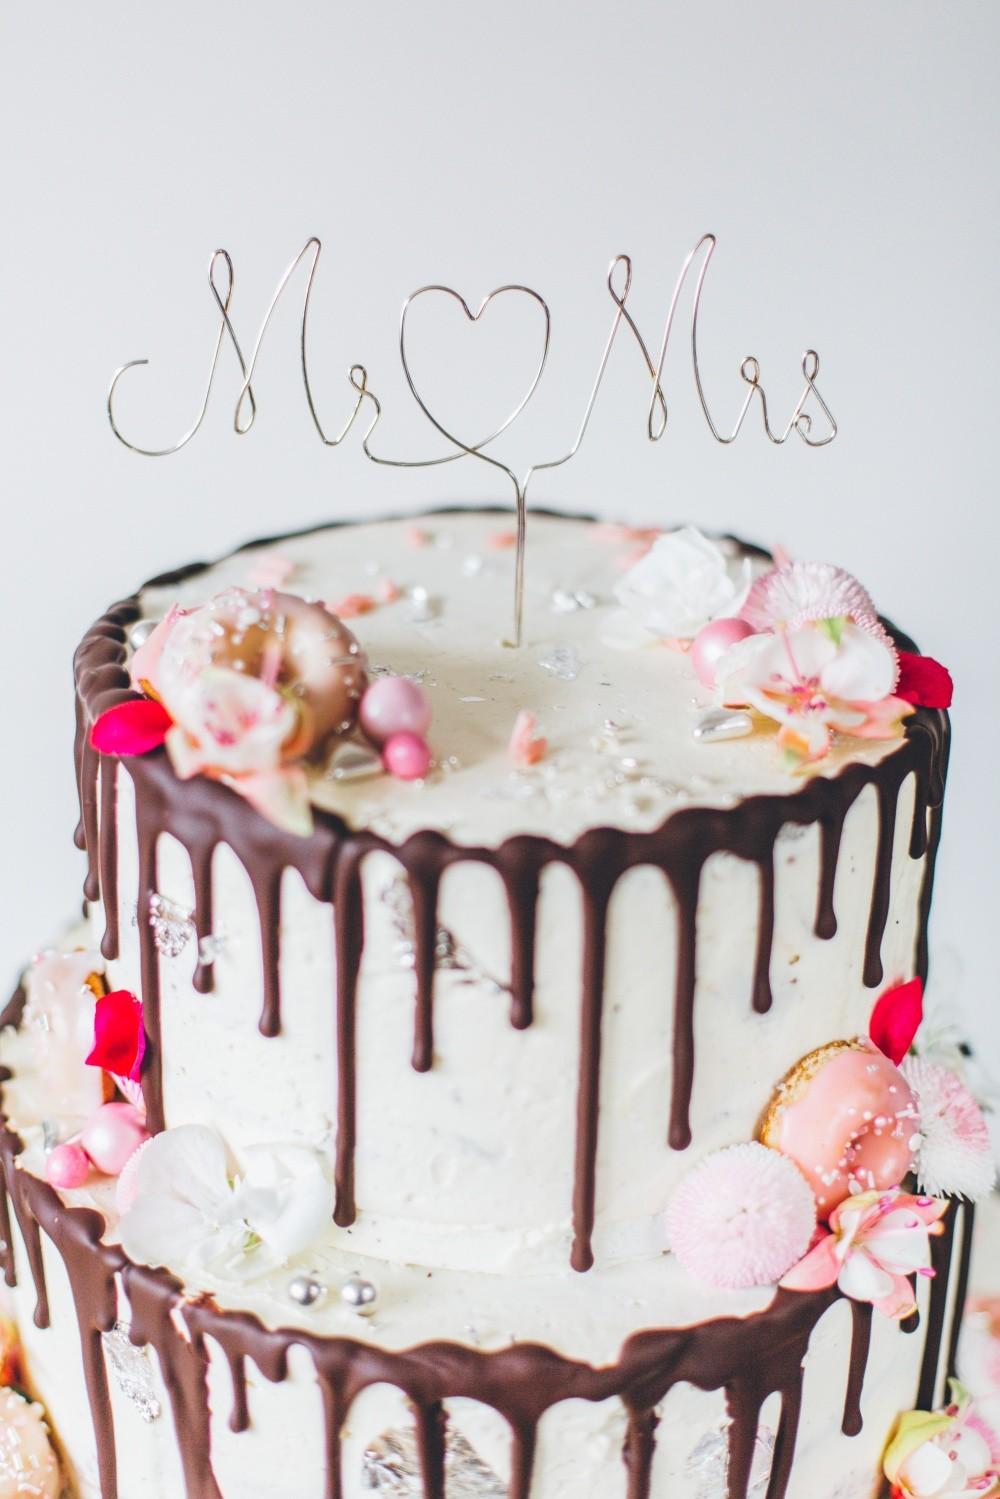 hochzeitstorte_donuts_dripping Cake-Hochzeit_